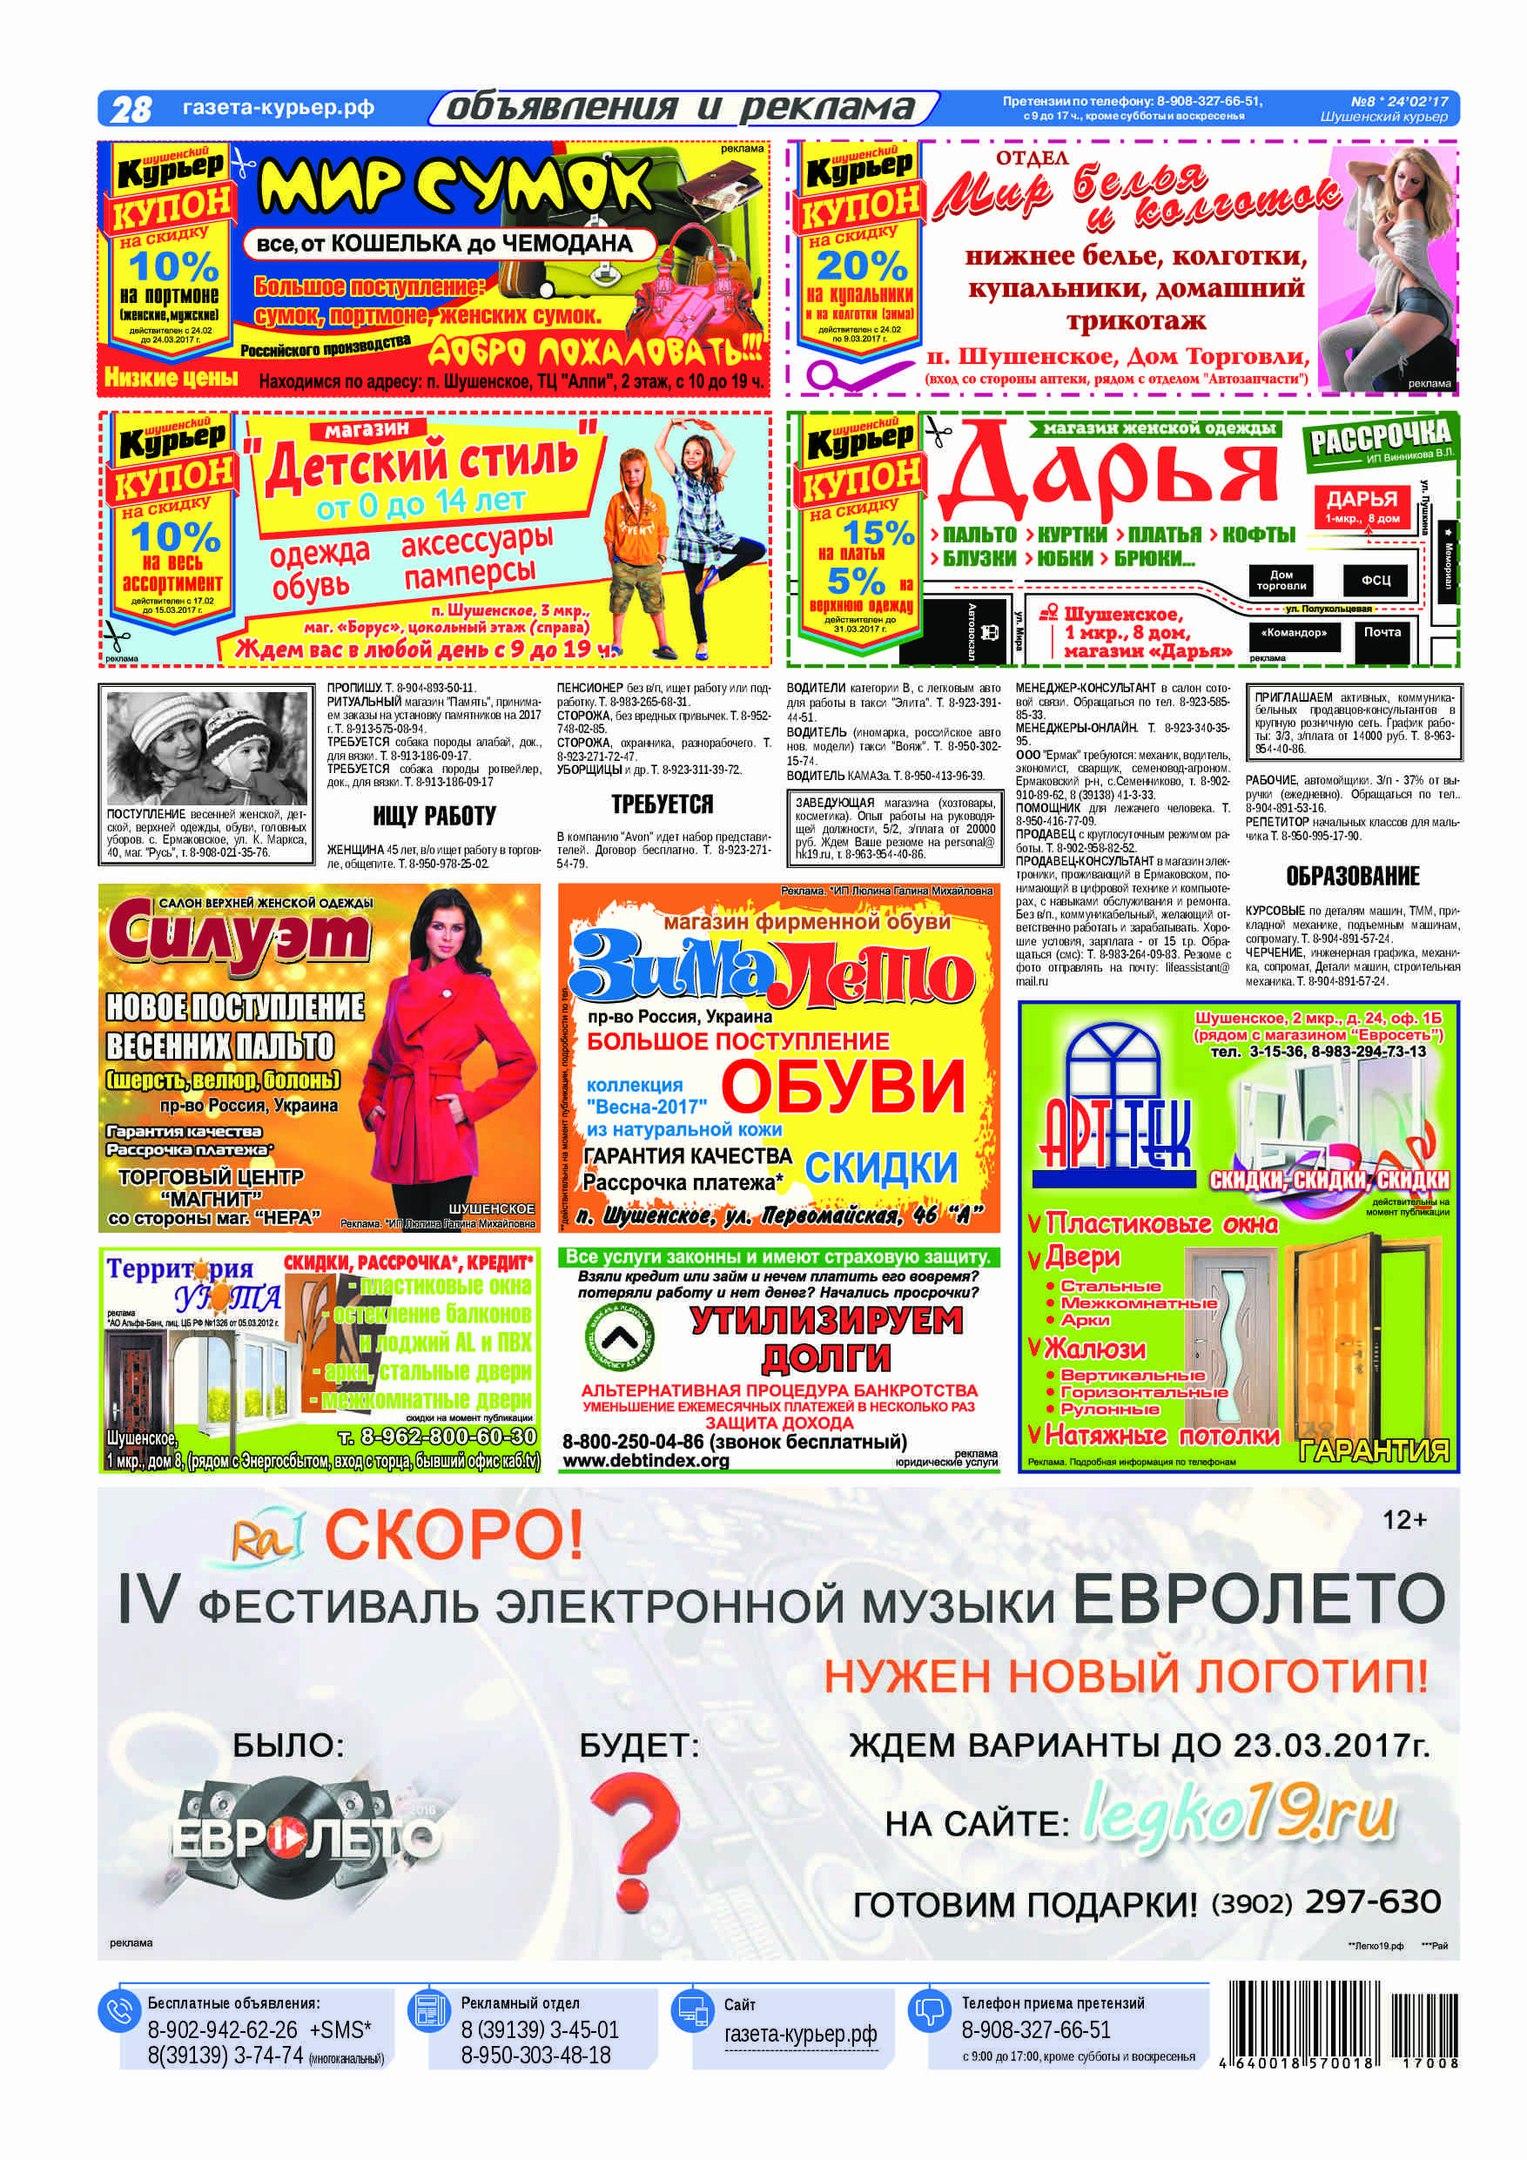 Размещение бесплатных объявлений в газетах красноярска работадомработница в е частные объявления